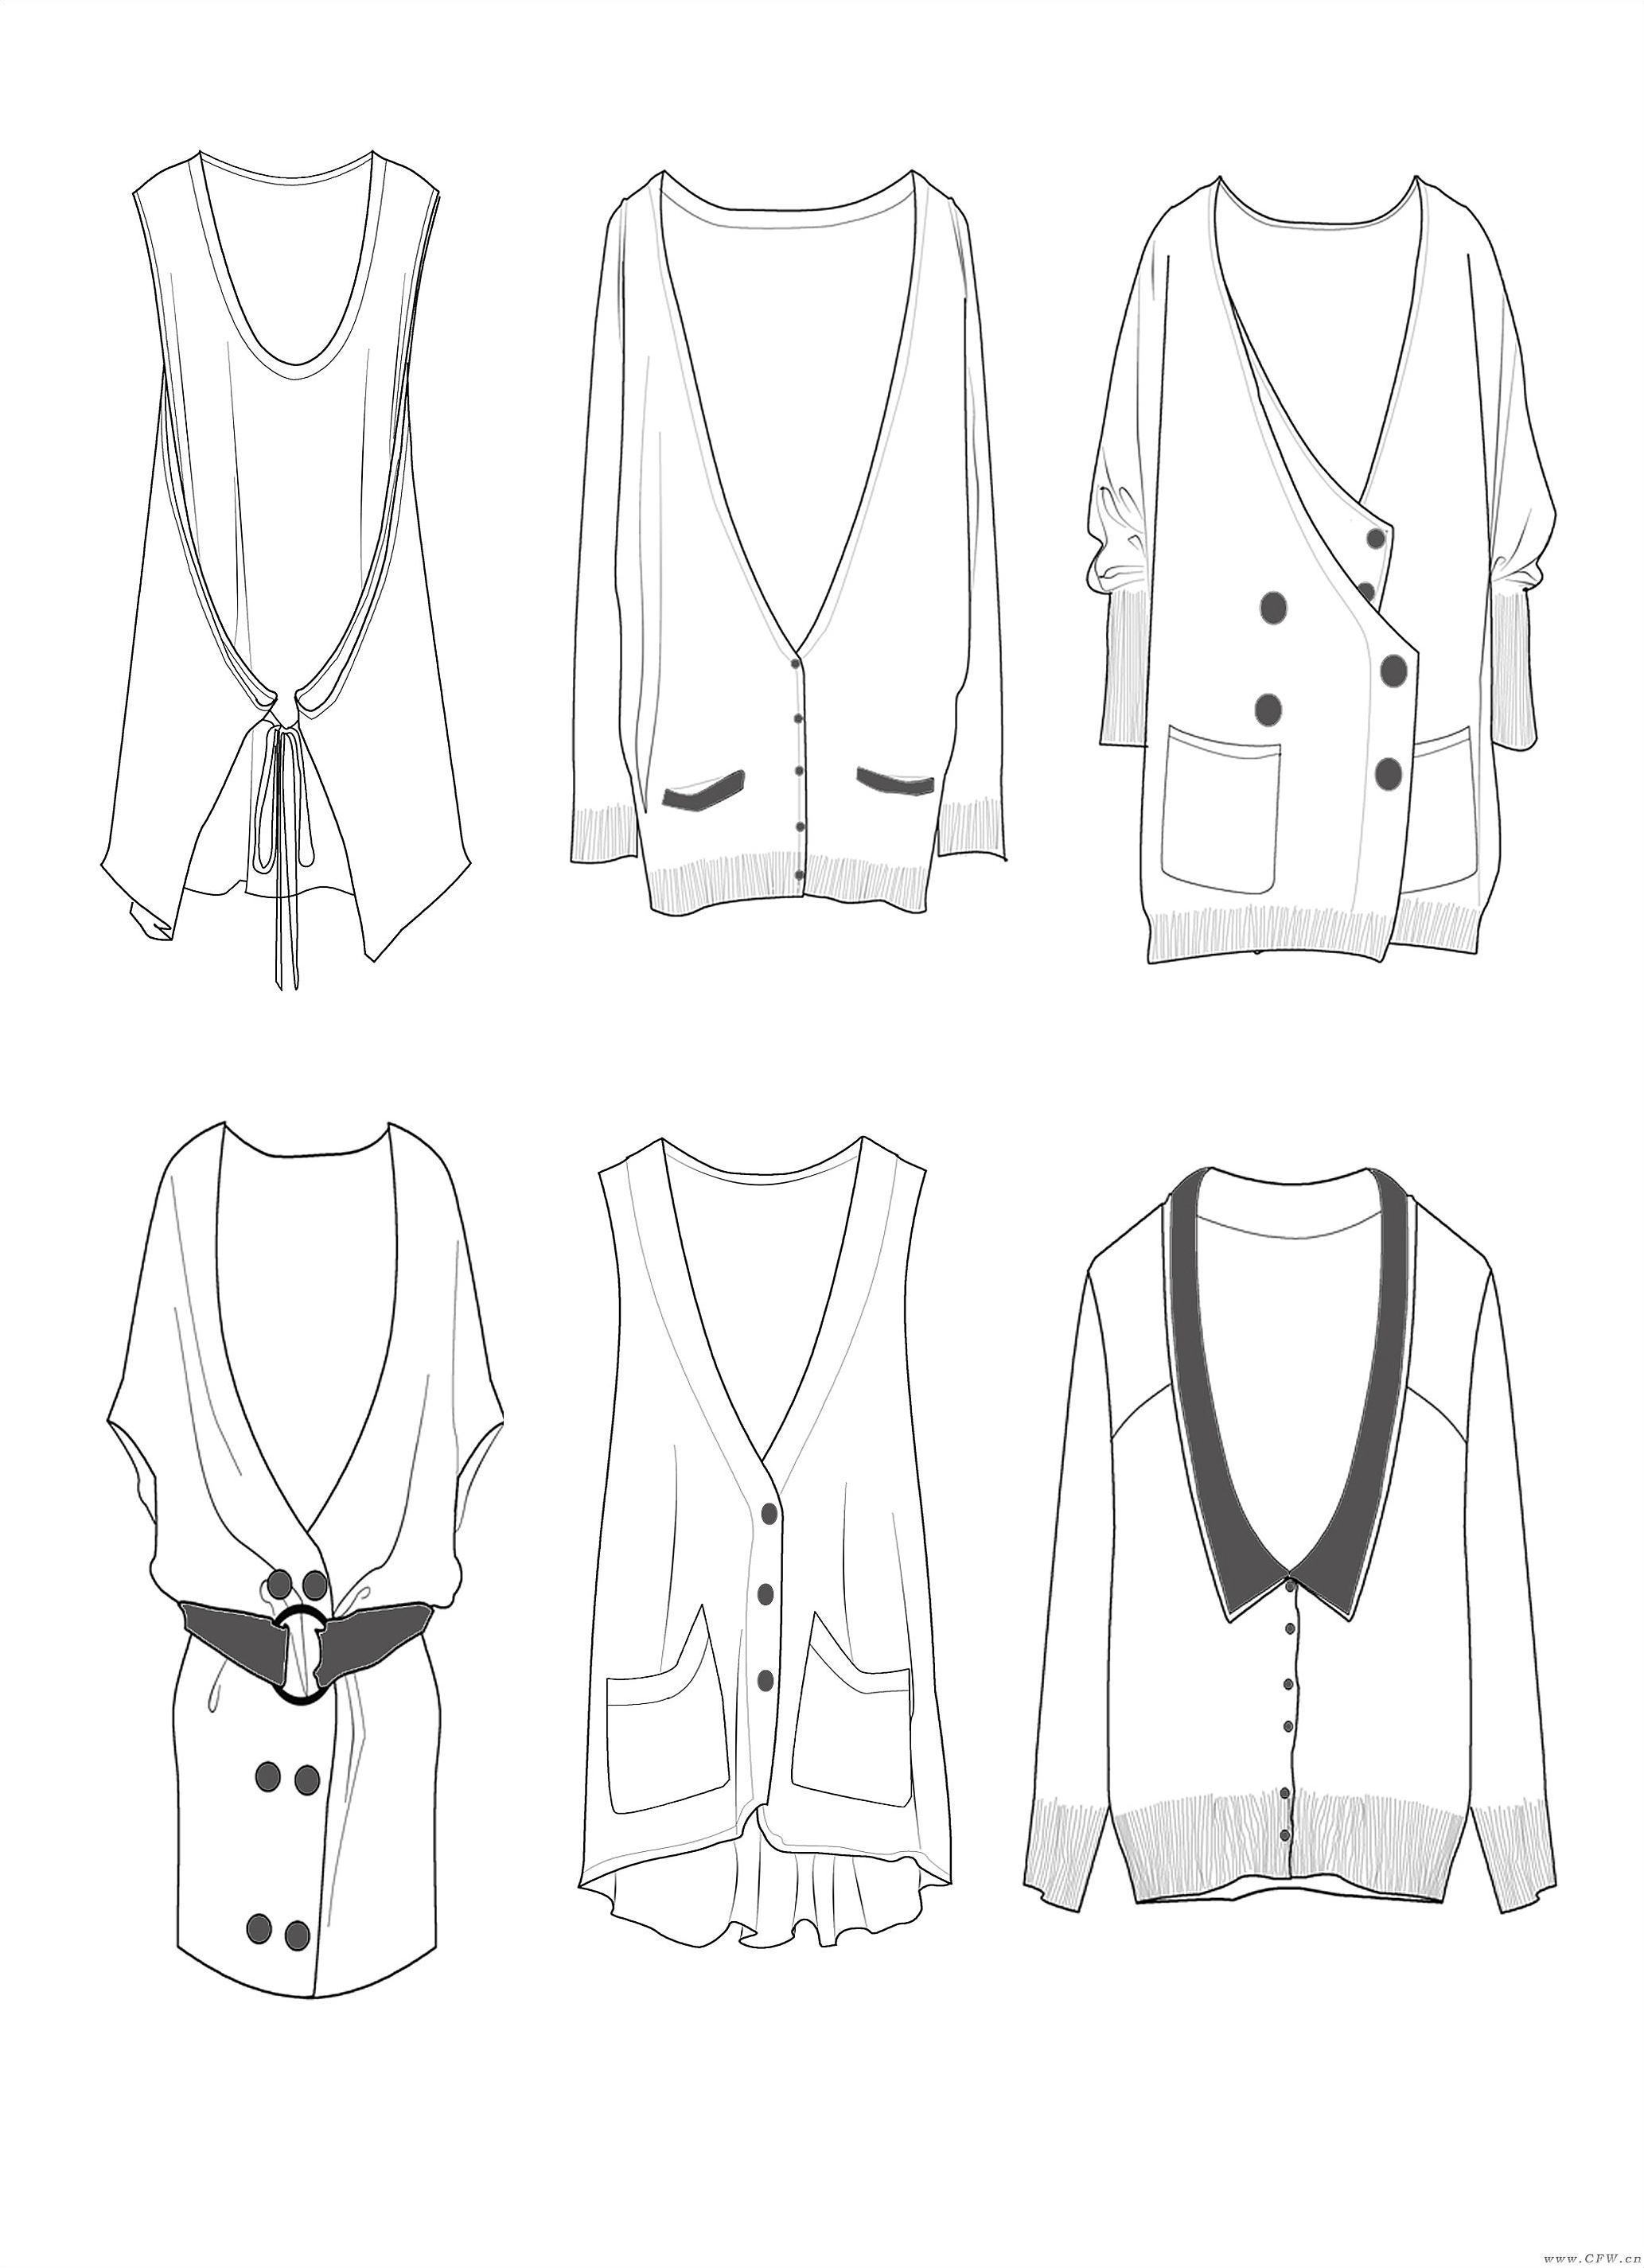 電腦衣服款式圖-毛衫針織設計-服裝設計